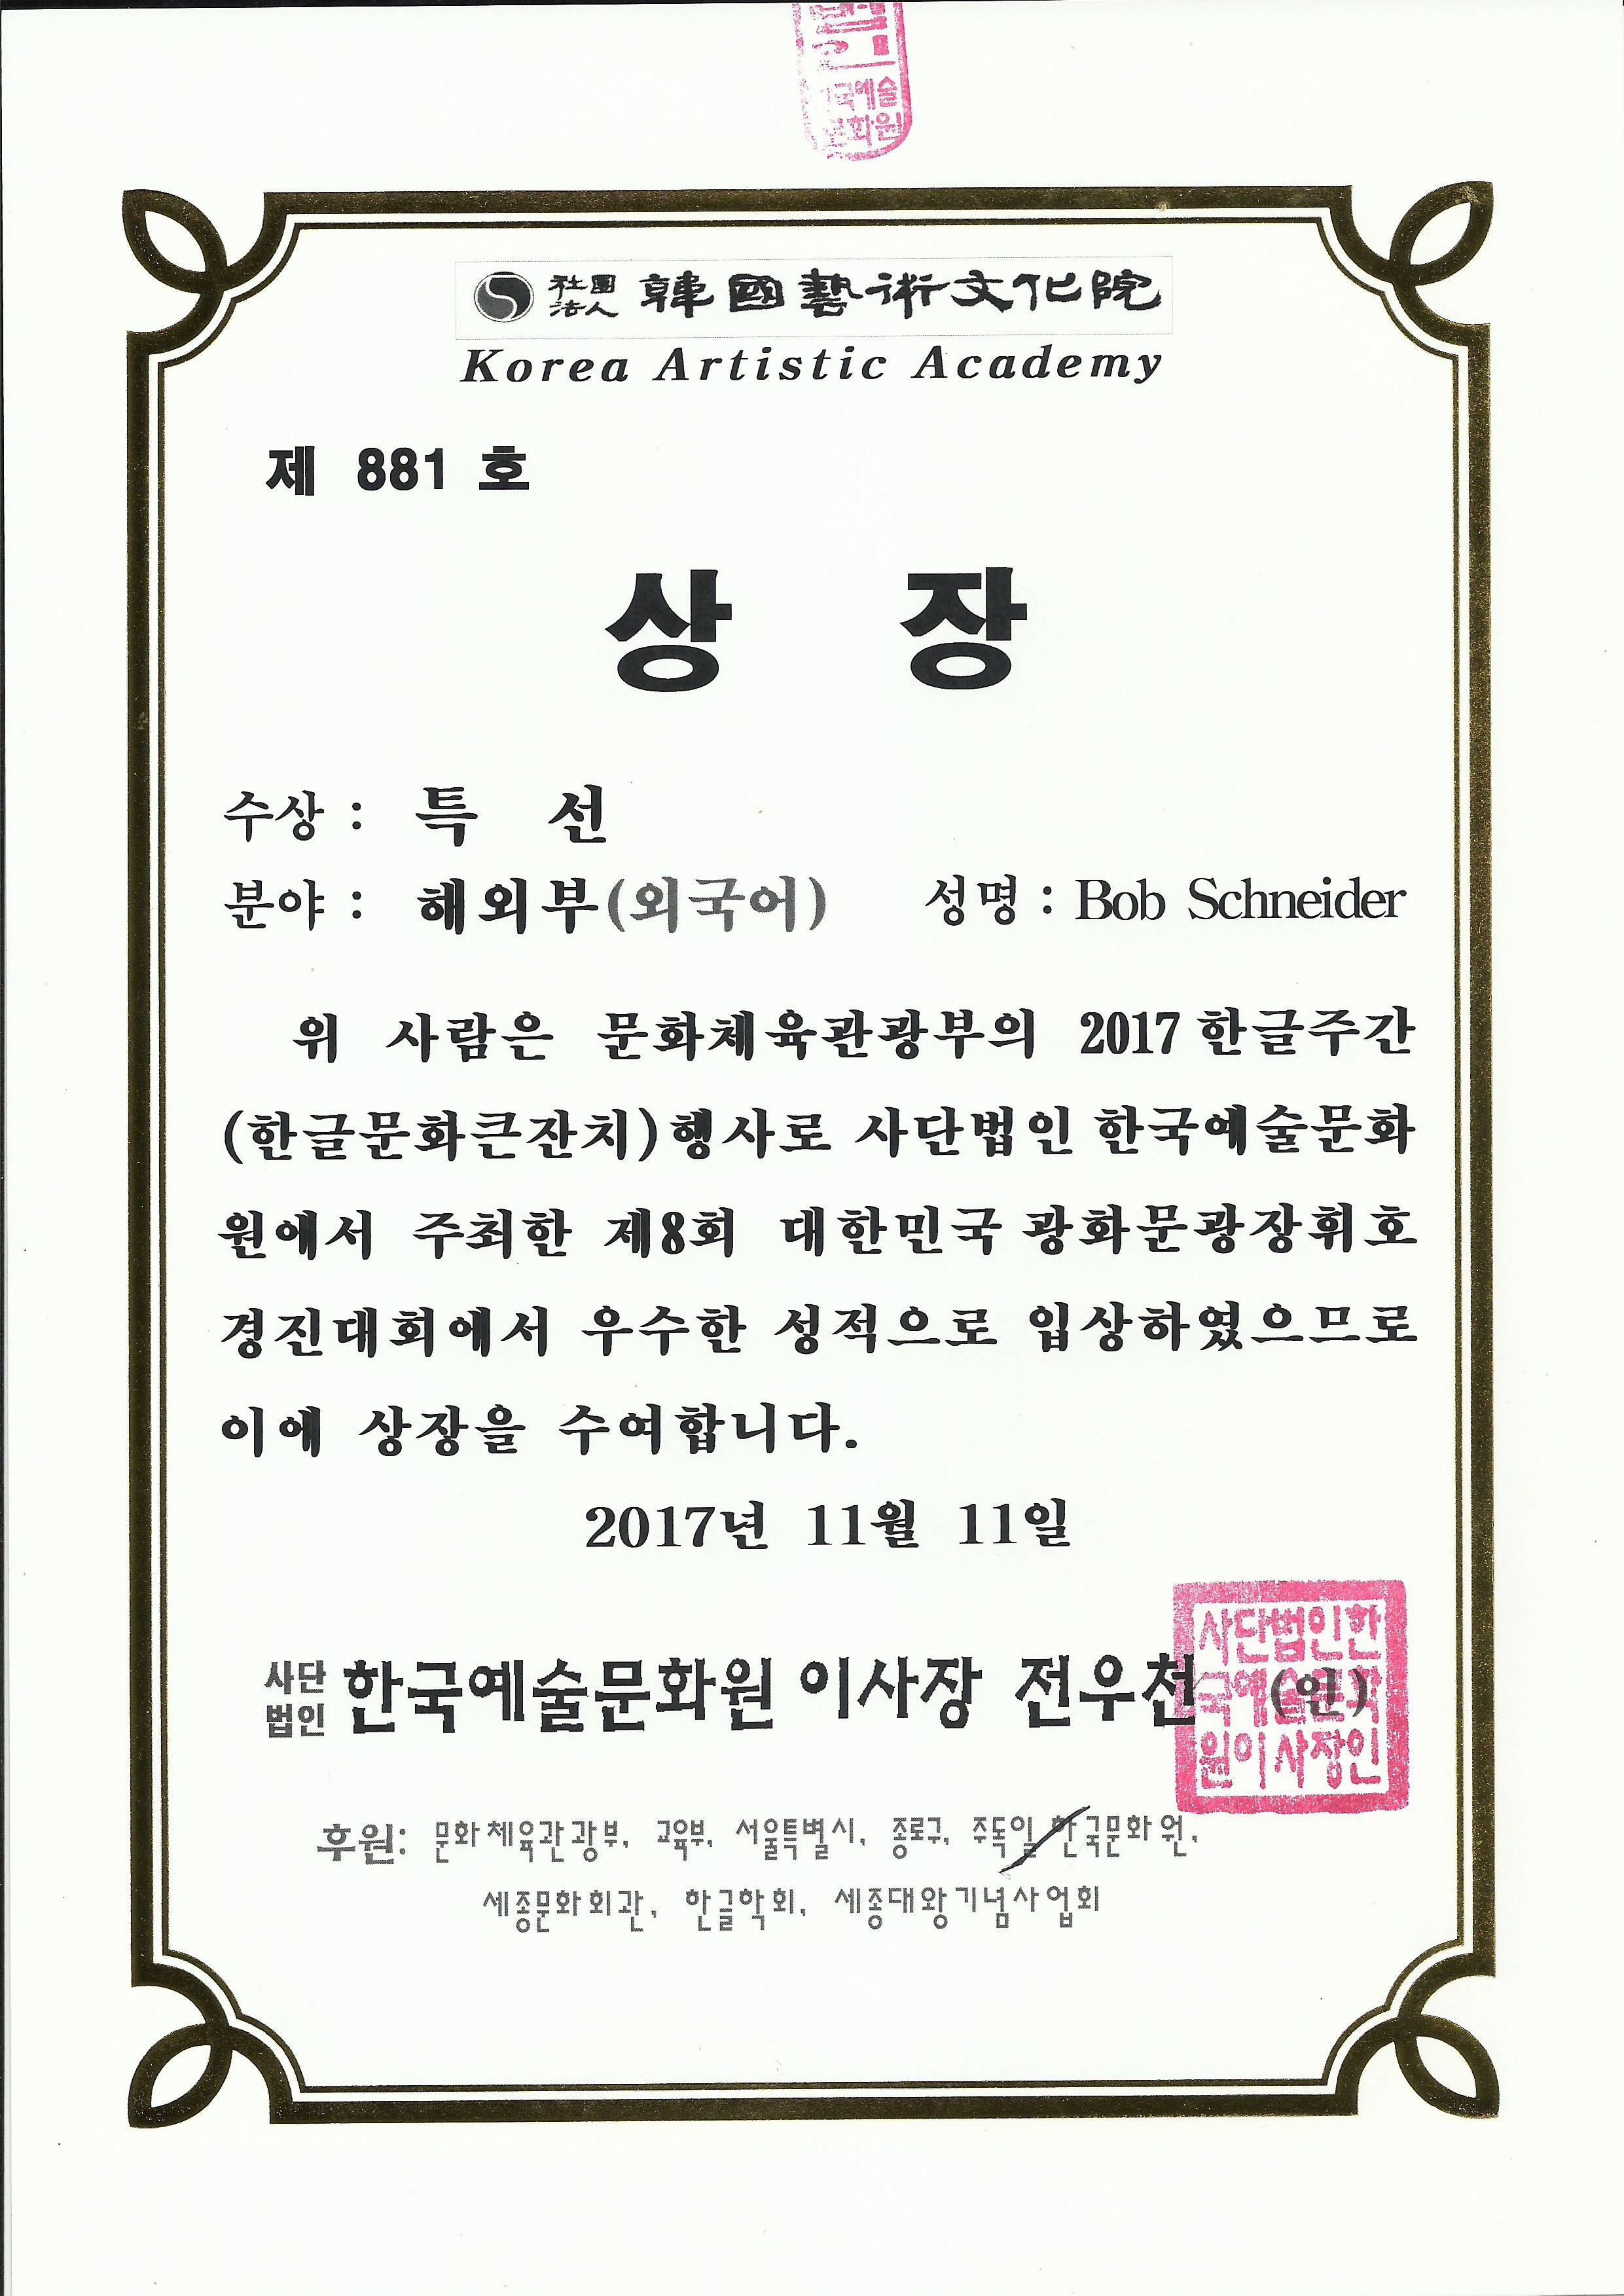 Korea Artistic Academy